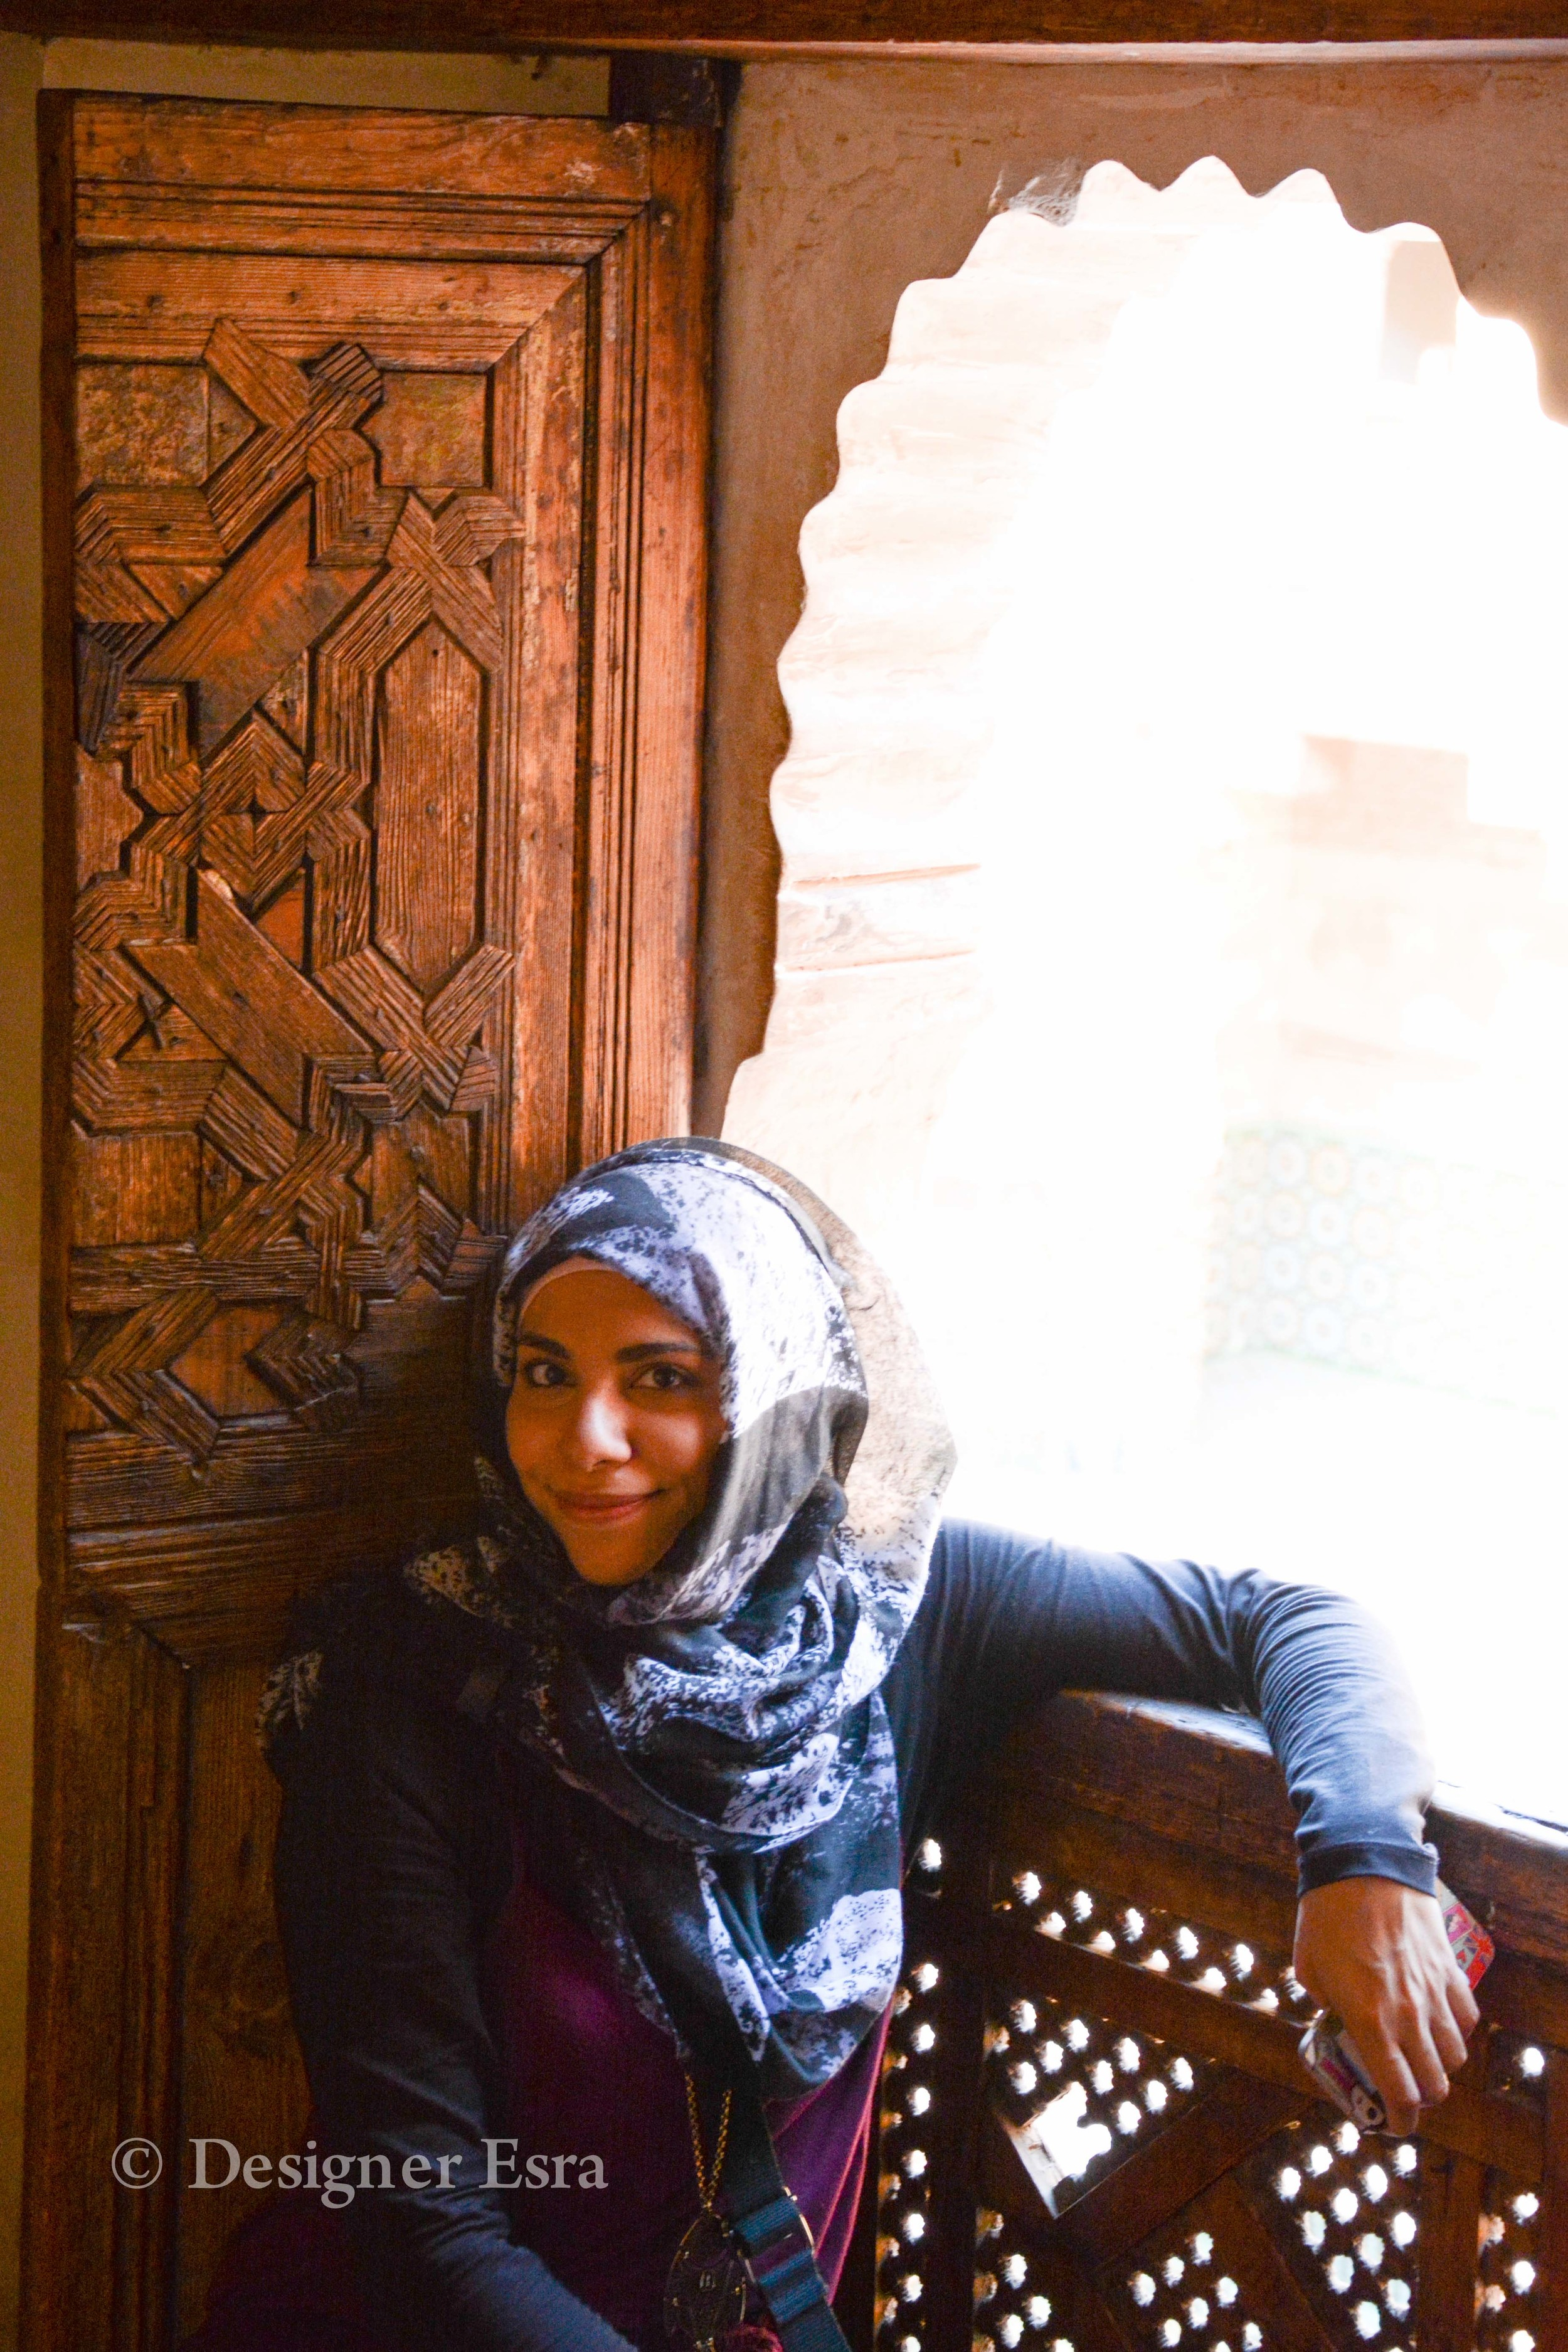 on the second floor of Ben Youssef Madrasa